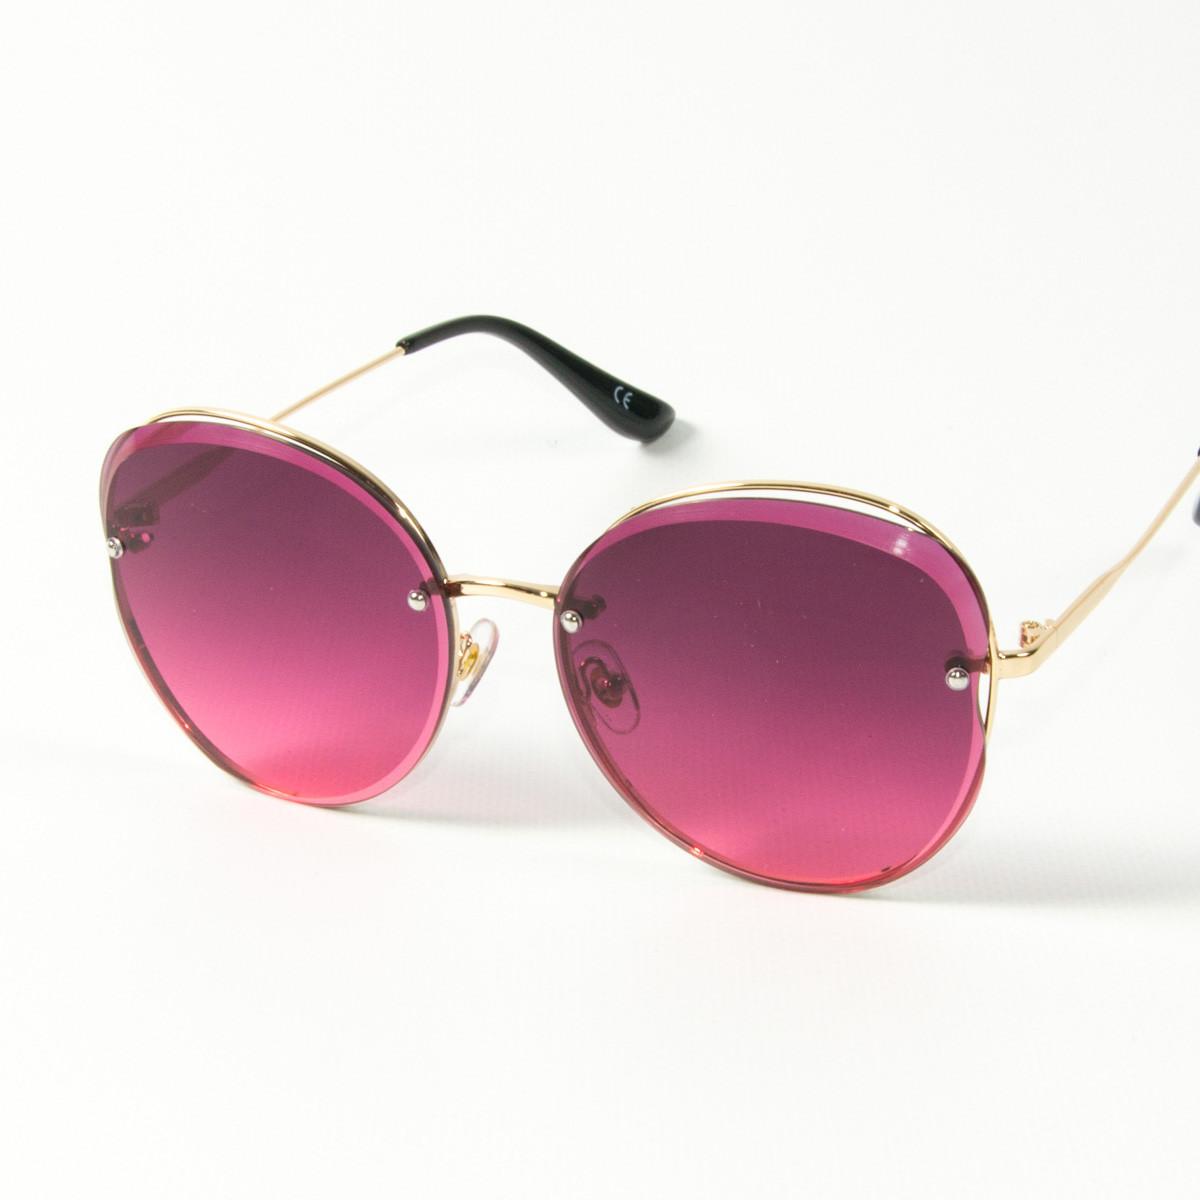 Оптом женские солнцезащитные круглые очки  (арт. 3-2048/2) розовые